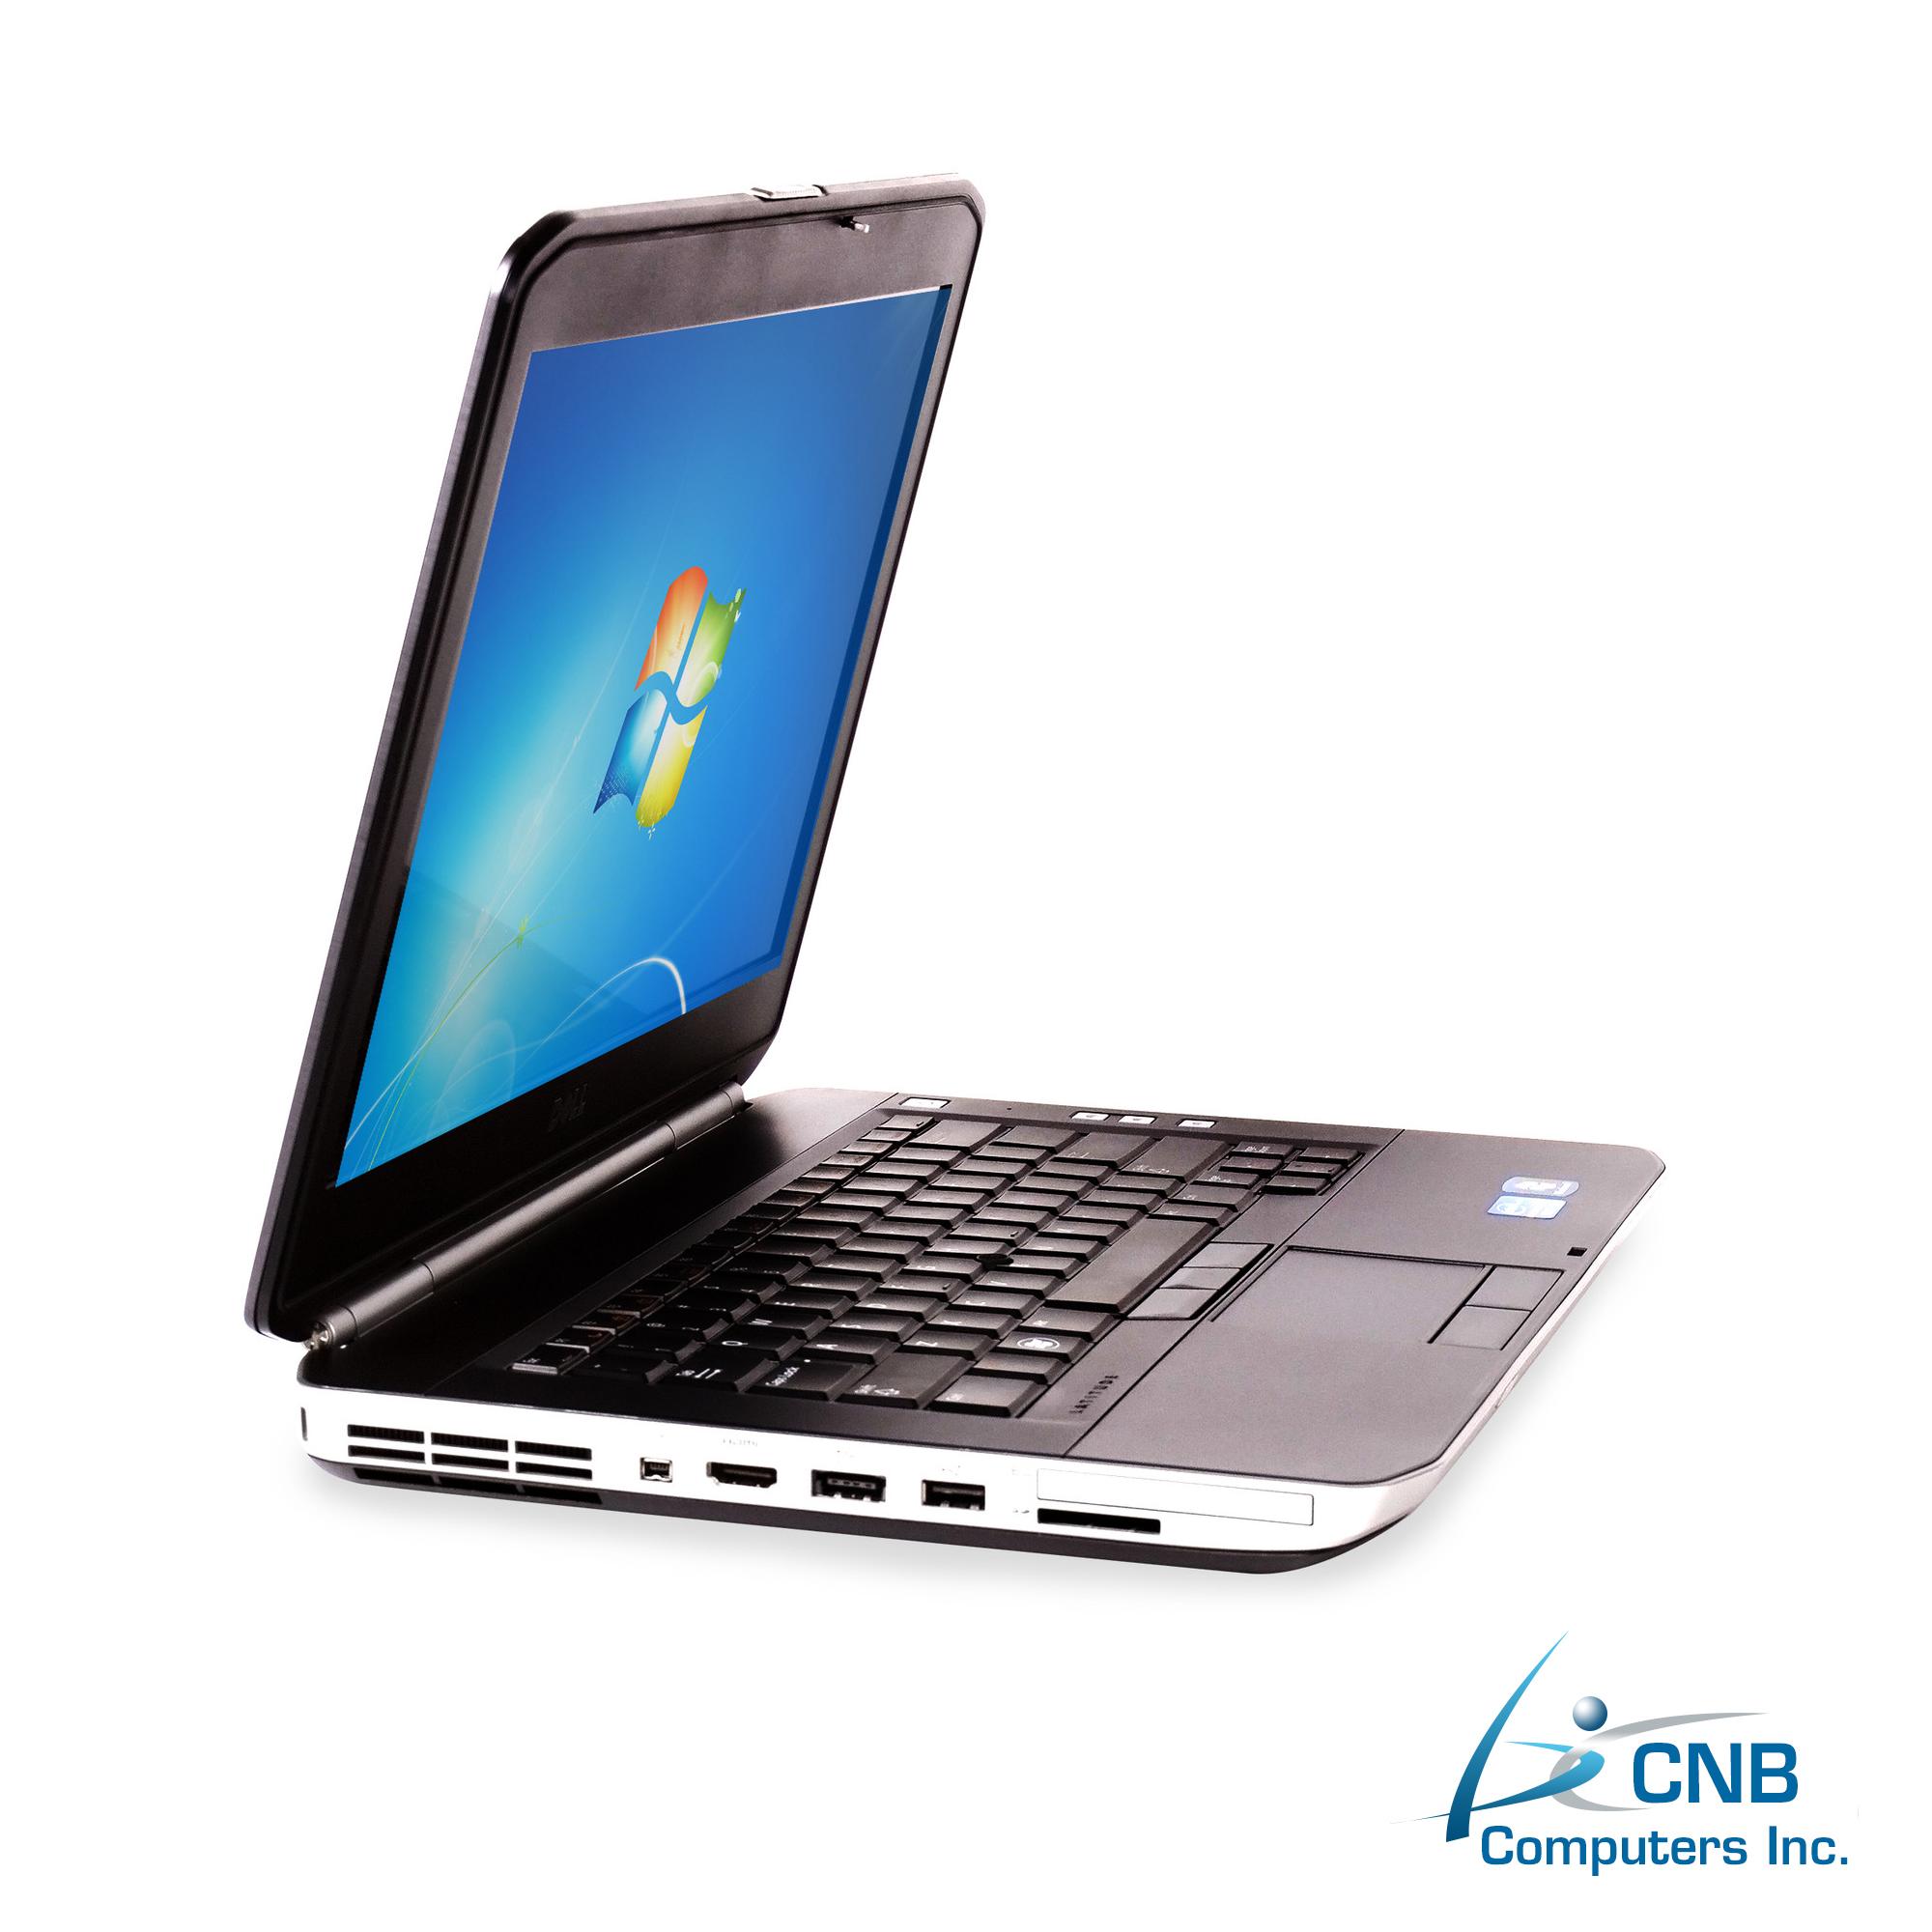 DELL LATITUDE E5420 LAPTOP, 4GB, 250GB HDD, INTEL i5 2520M